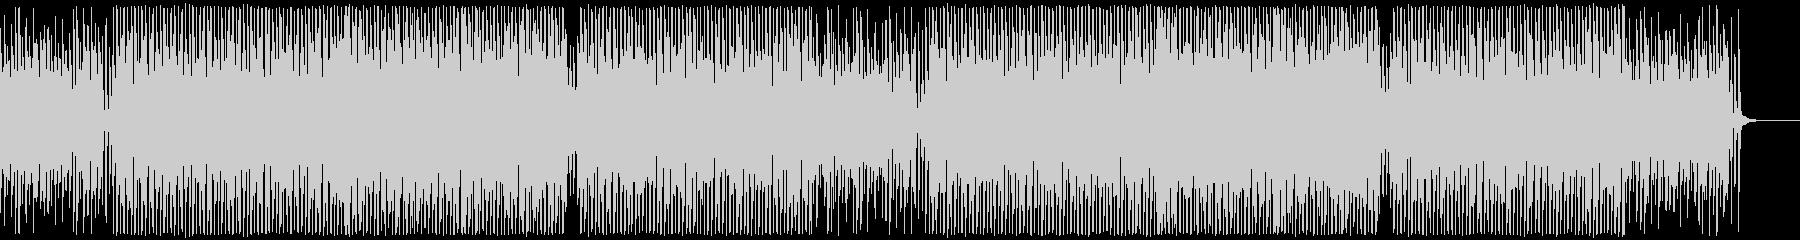 アップテンポなコンセプトムービー系BGMの未再生の波形